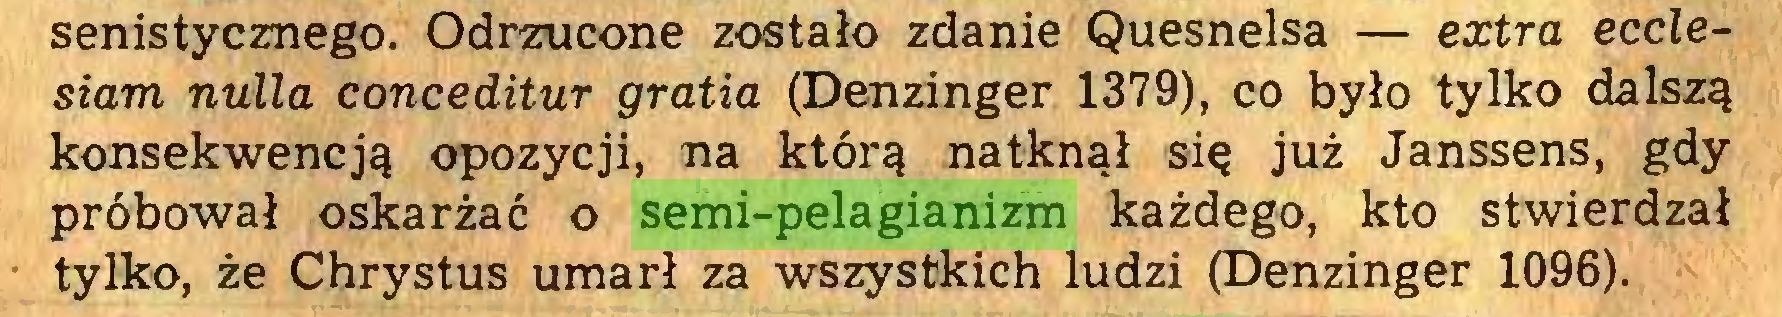 (...) senistycznego. Odrzucone zostało zdanie Quesnelsa — extra ecćlesiam nulla conceditur gratia (Denzinger 1379), co było tylko dalszą konsekwencją opozycji, na którą natknął się już Janssens, gdy próbował oskarżać o semi-pelagianizm każdego, kto stwierdzał tylko, że Chrystus umarł za wszystkich ludzi (Denzinger 1096)...